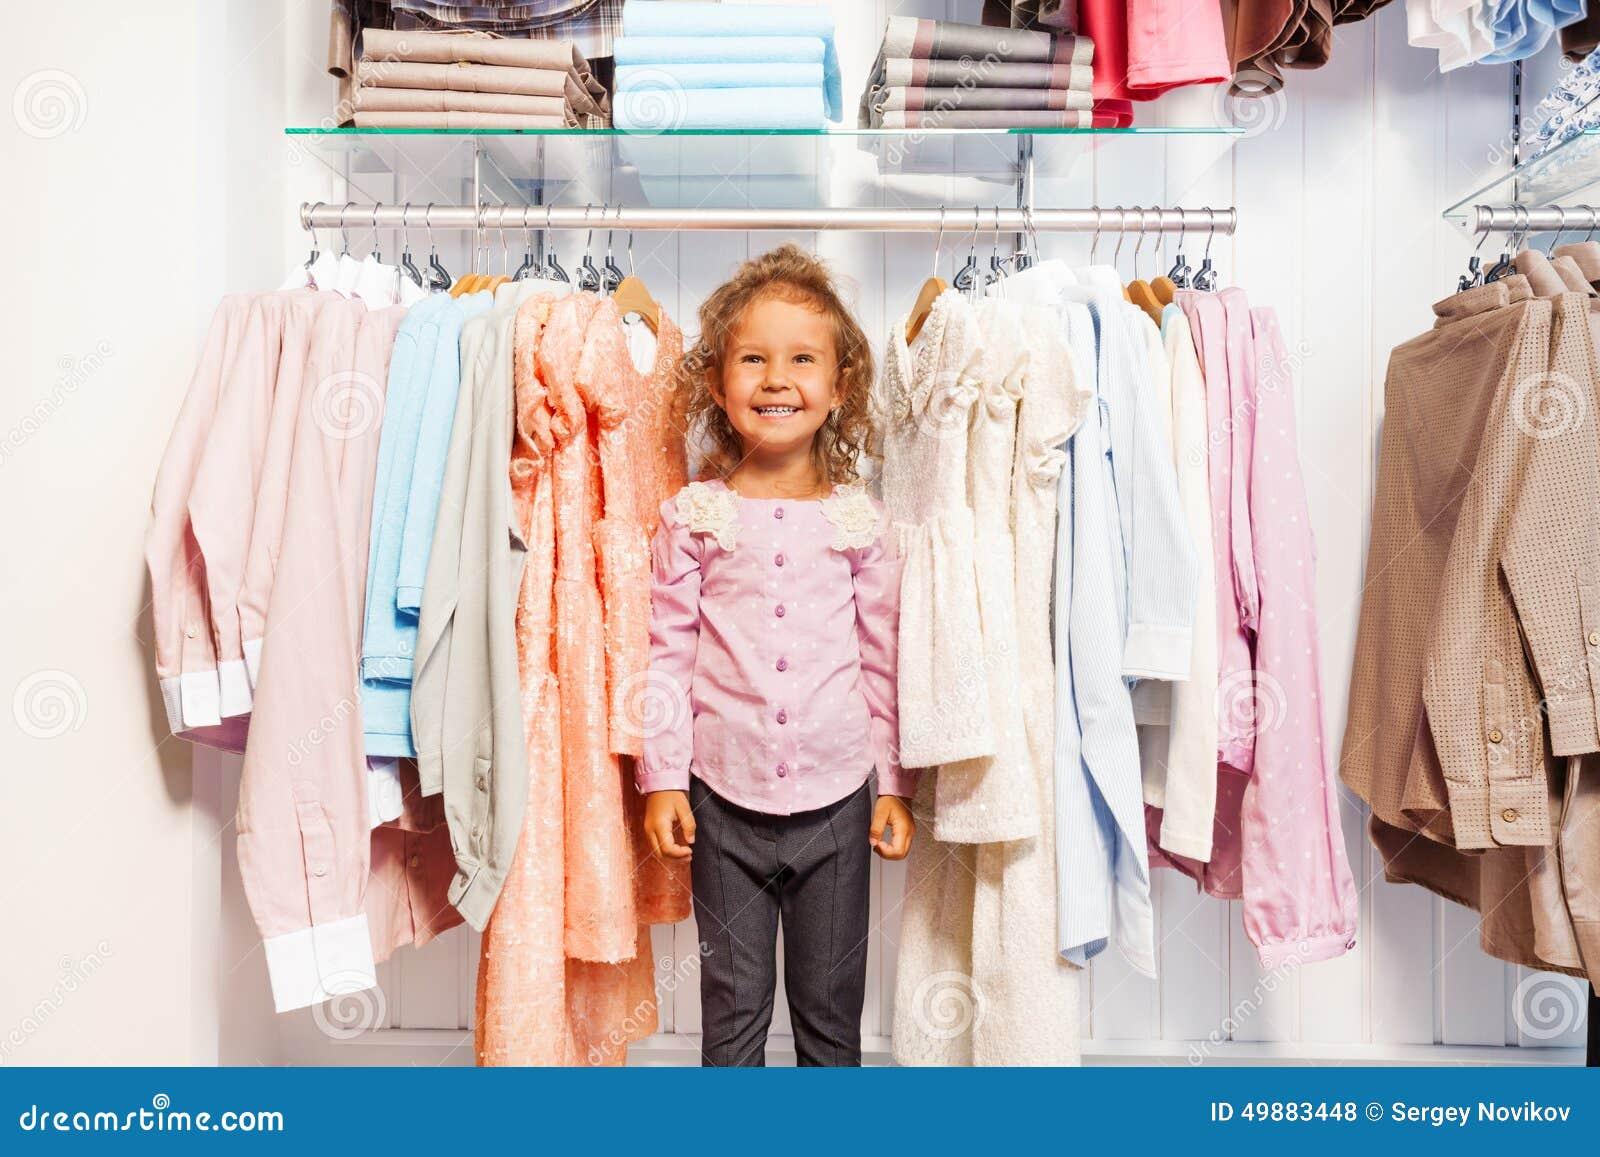 站立在挂衣架的衣裳之间的逗人喜爱的小女孩